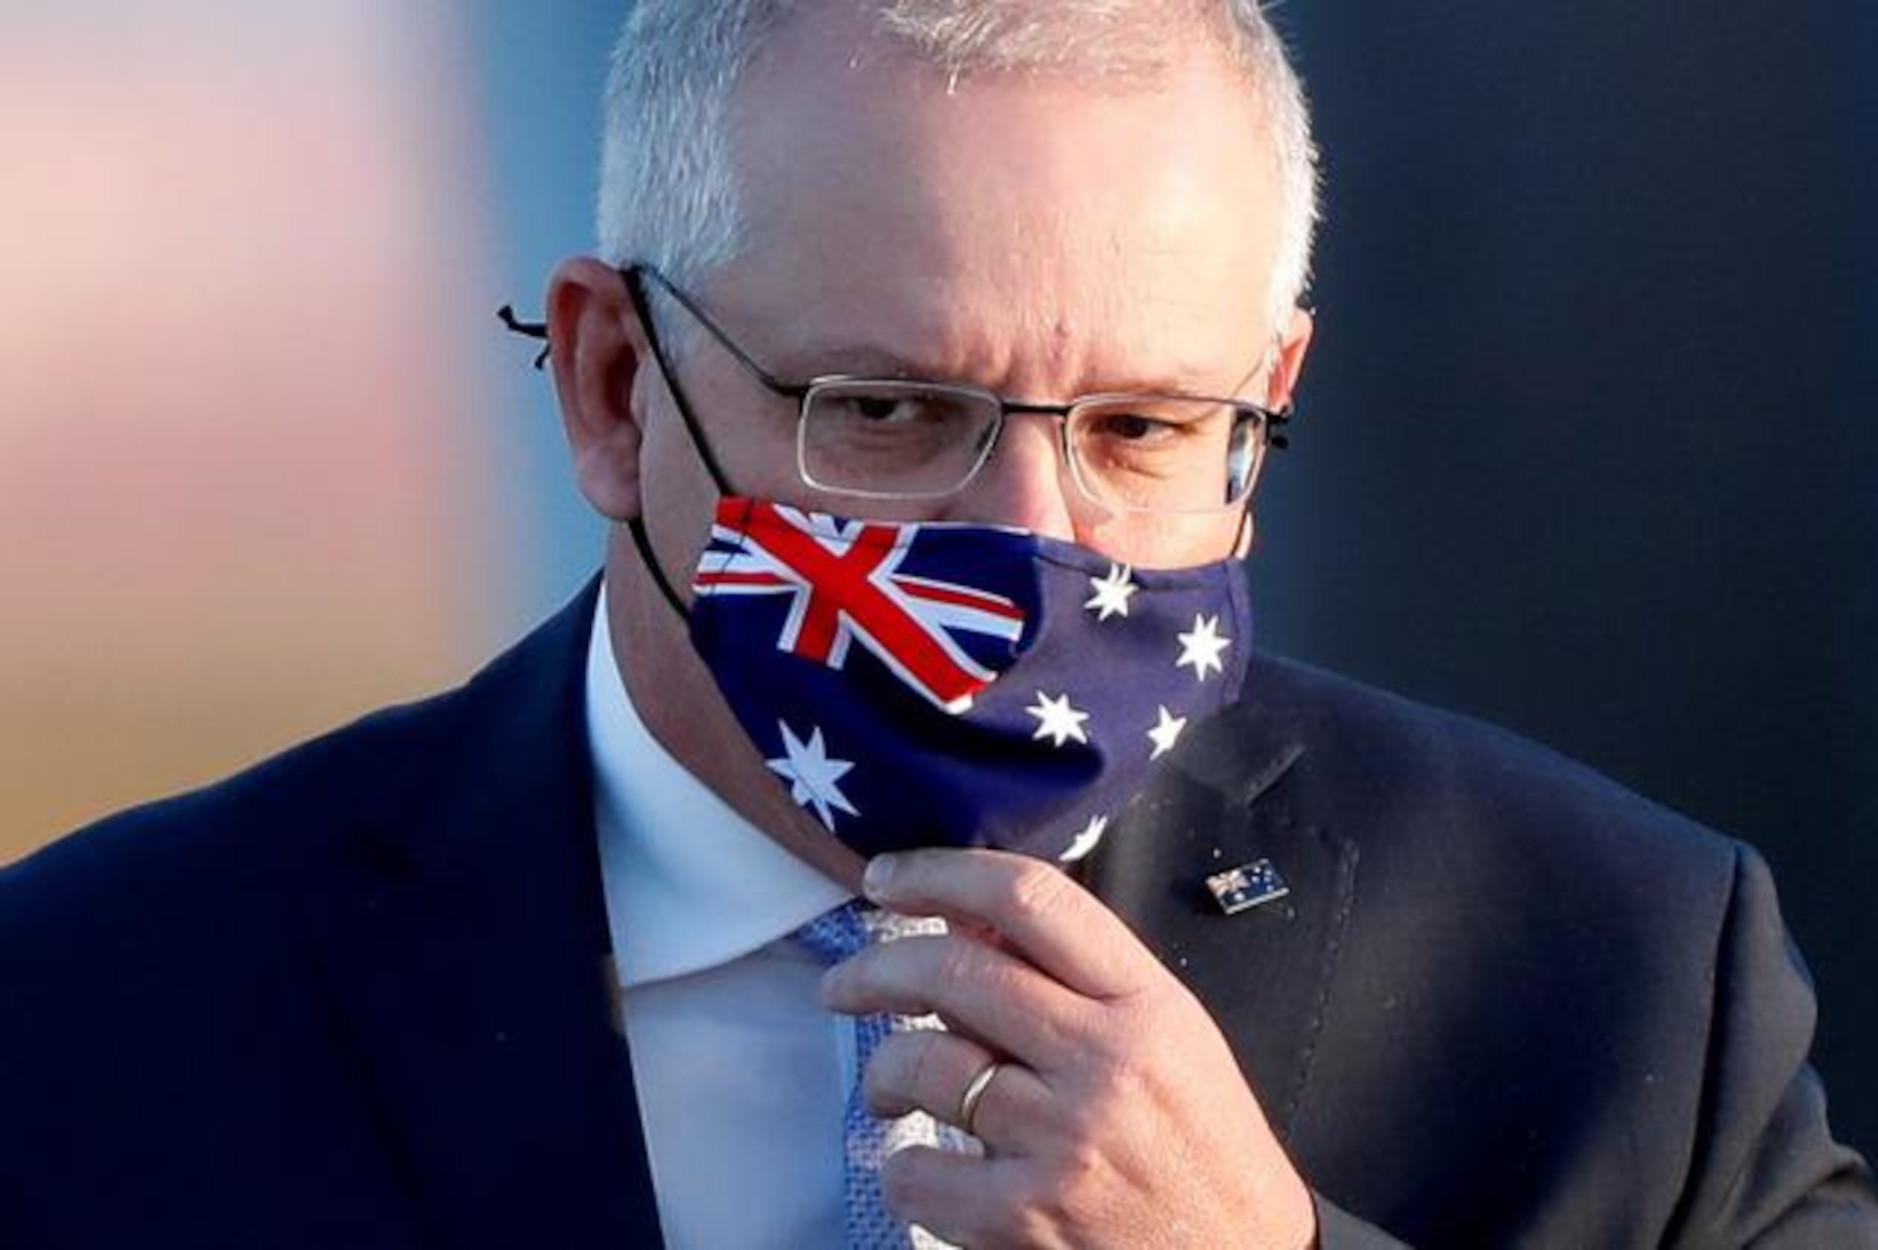 Αυστραλία: Καρατόμηση δύο στελεχών της κυβέρνησης μετά τις καταγγελίες για βιασμούς